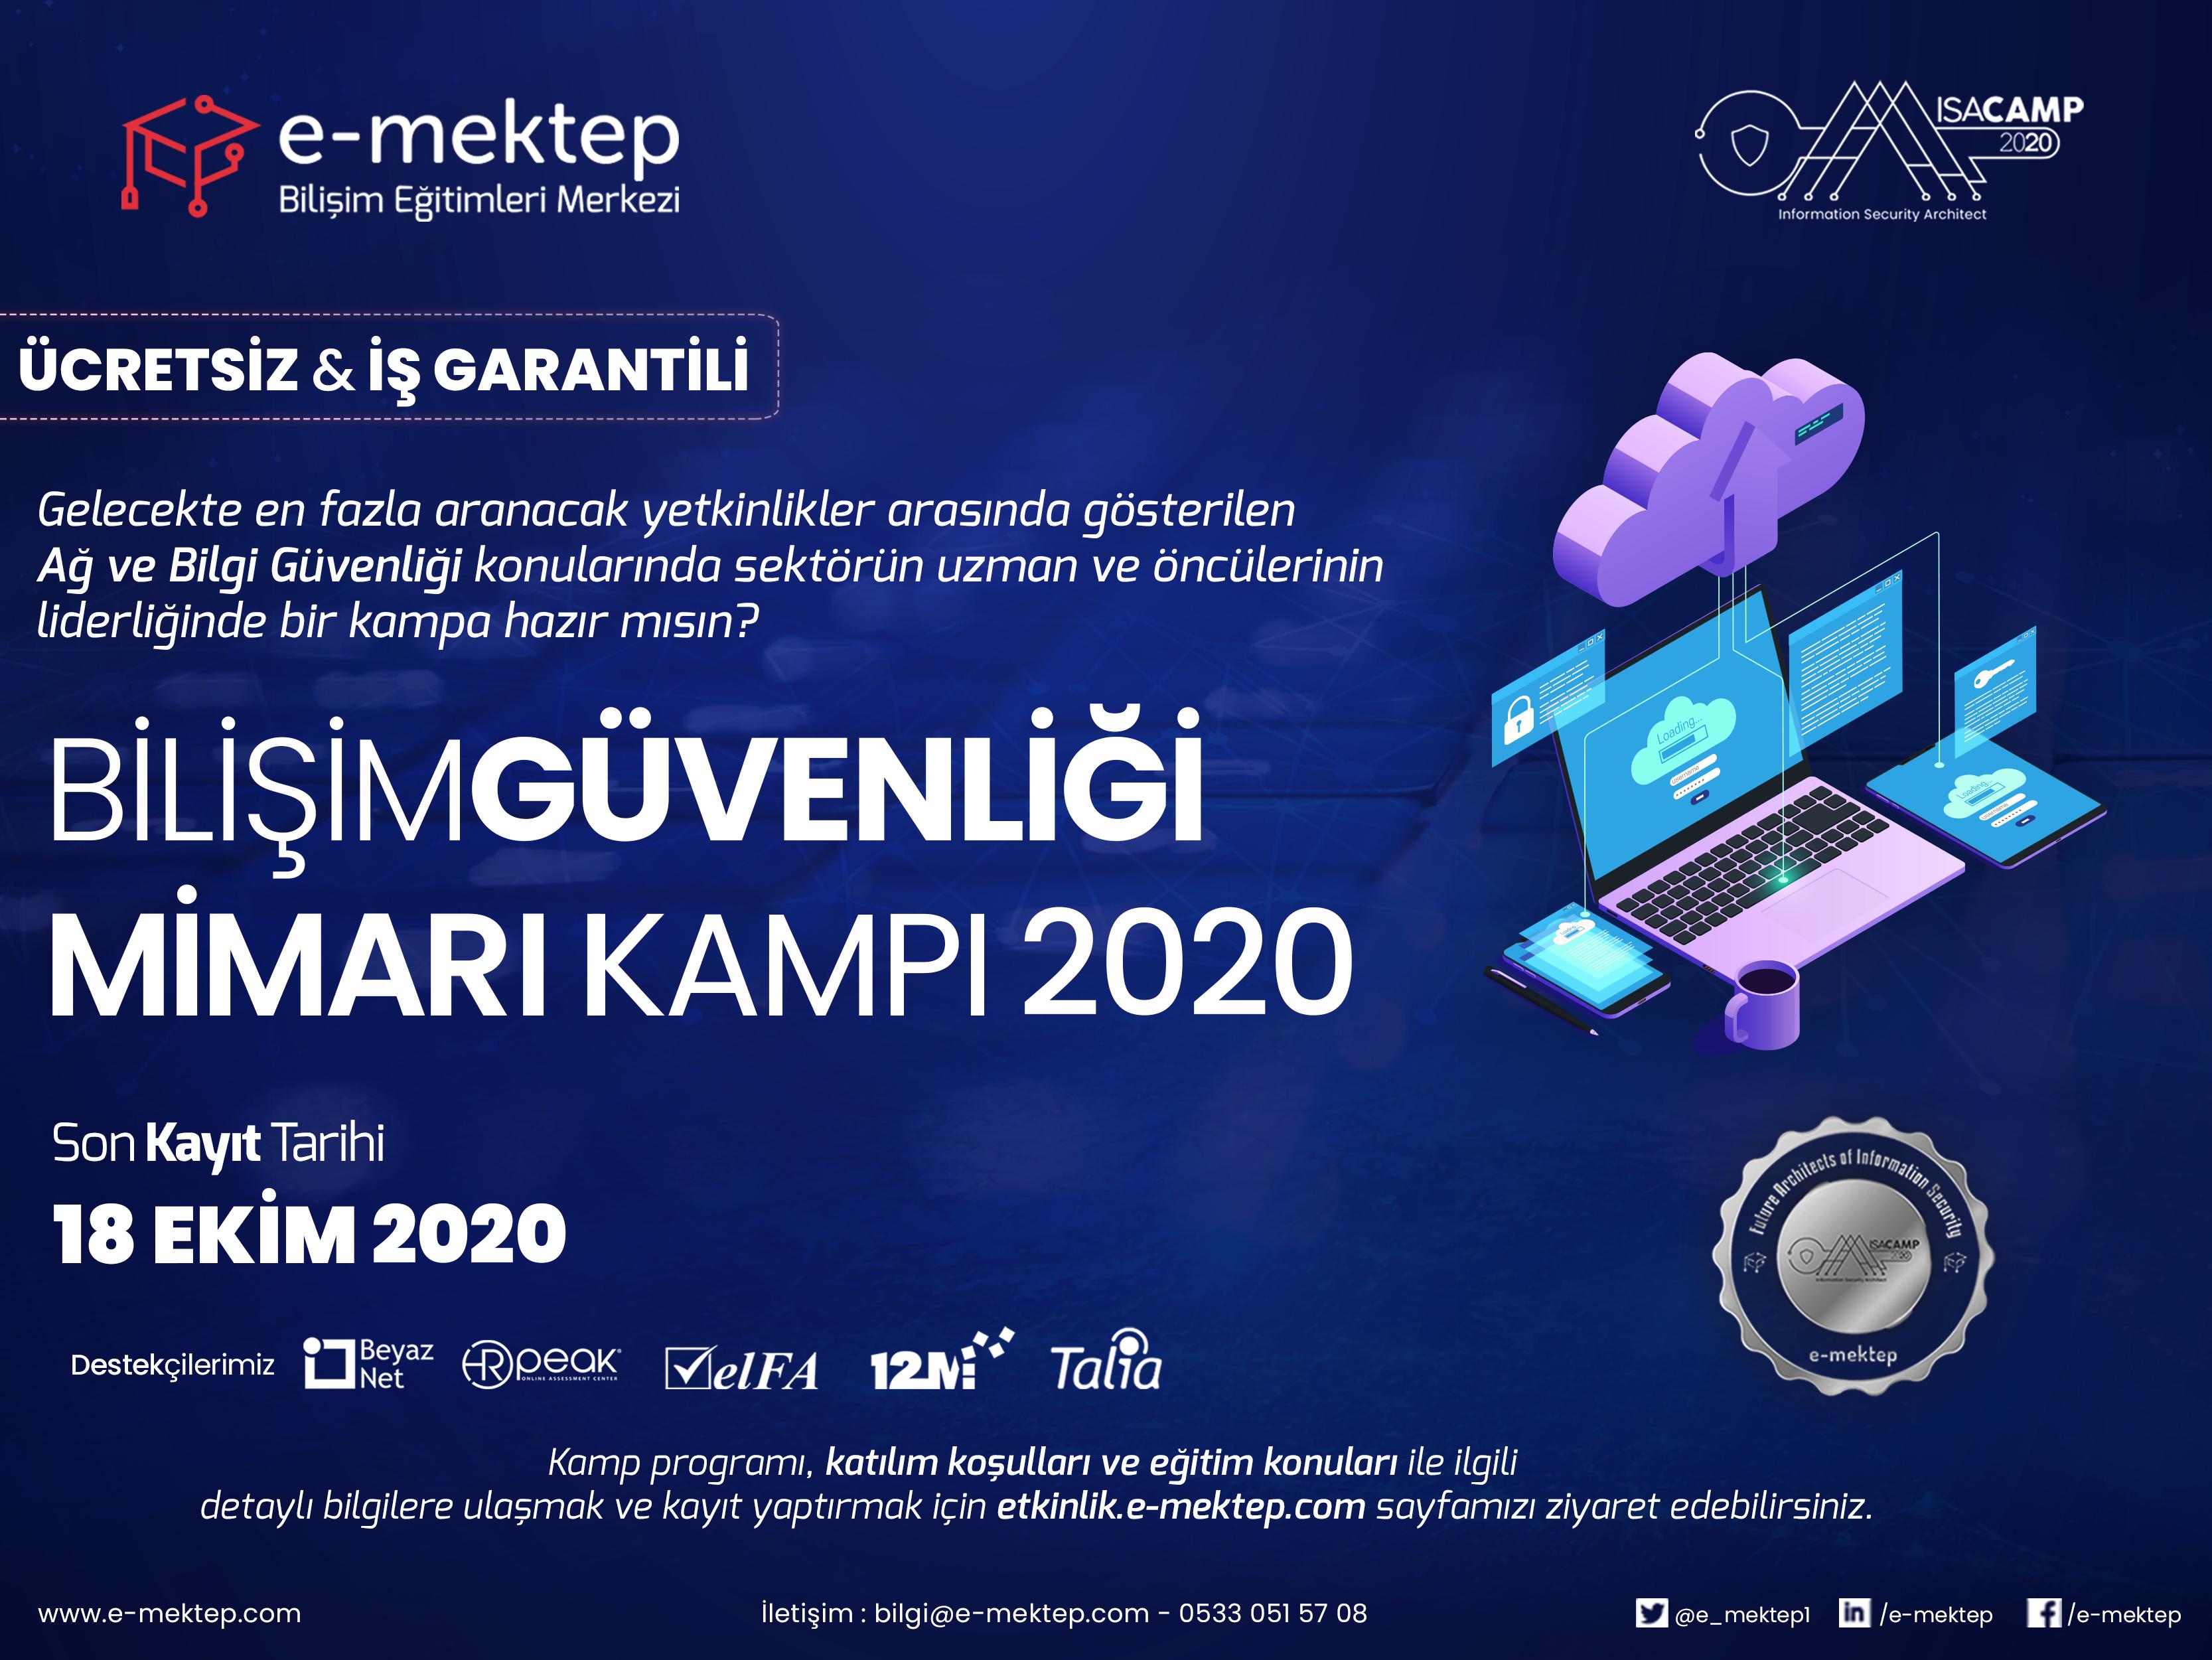 bilisim-guvenligi-mimari-kampi-isacamp-2020